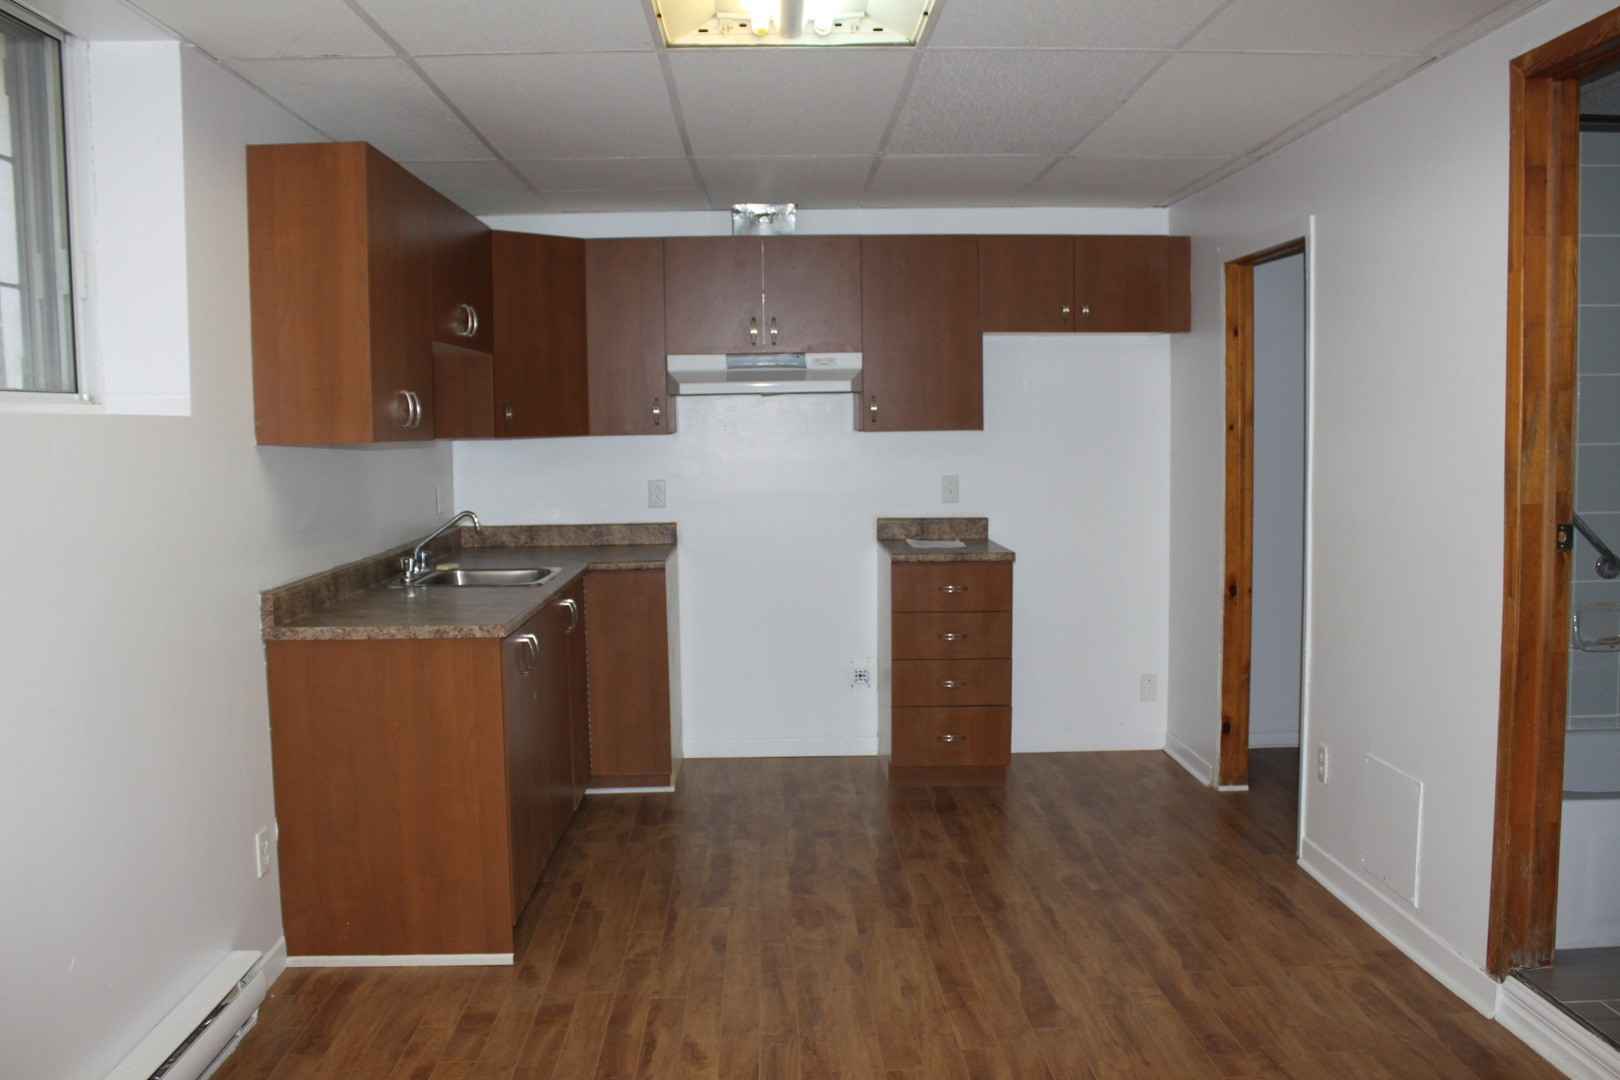 image 5 - Apartment - For rent - Montréal  (Tétreauville) - 2 rooms